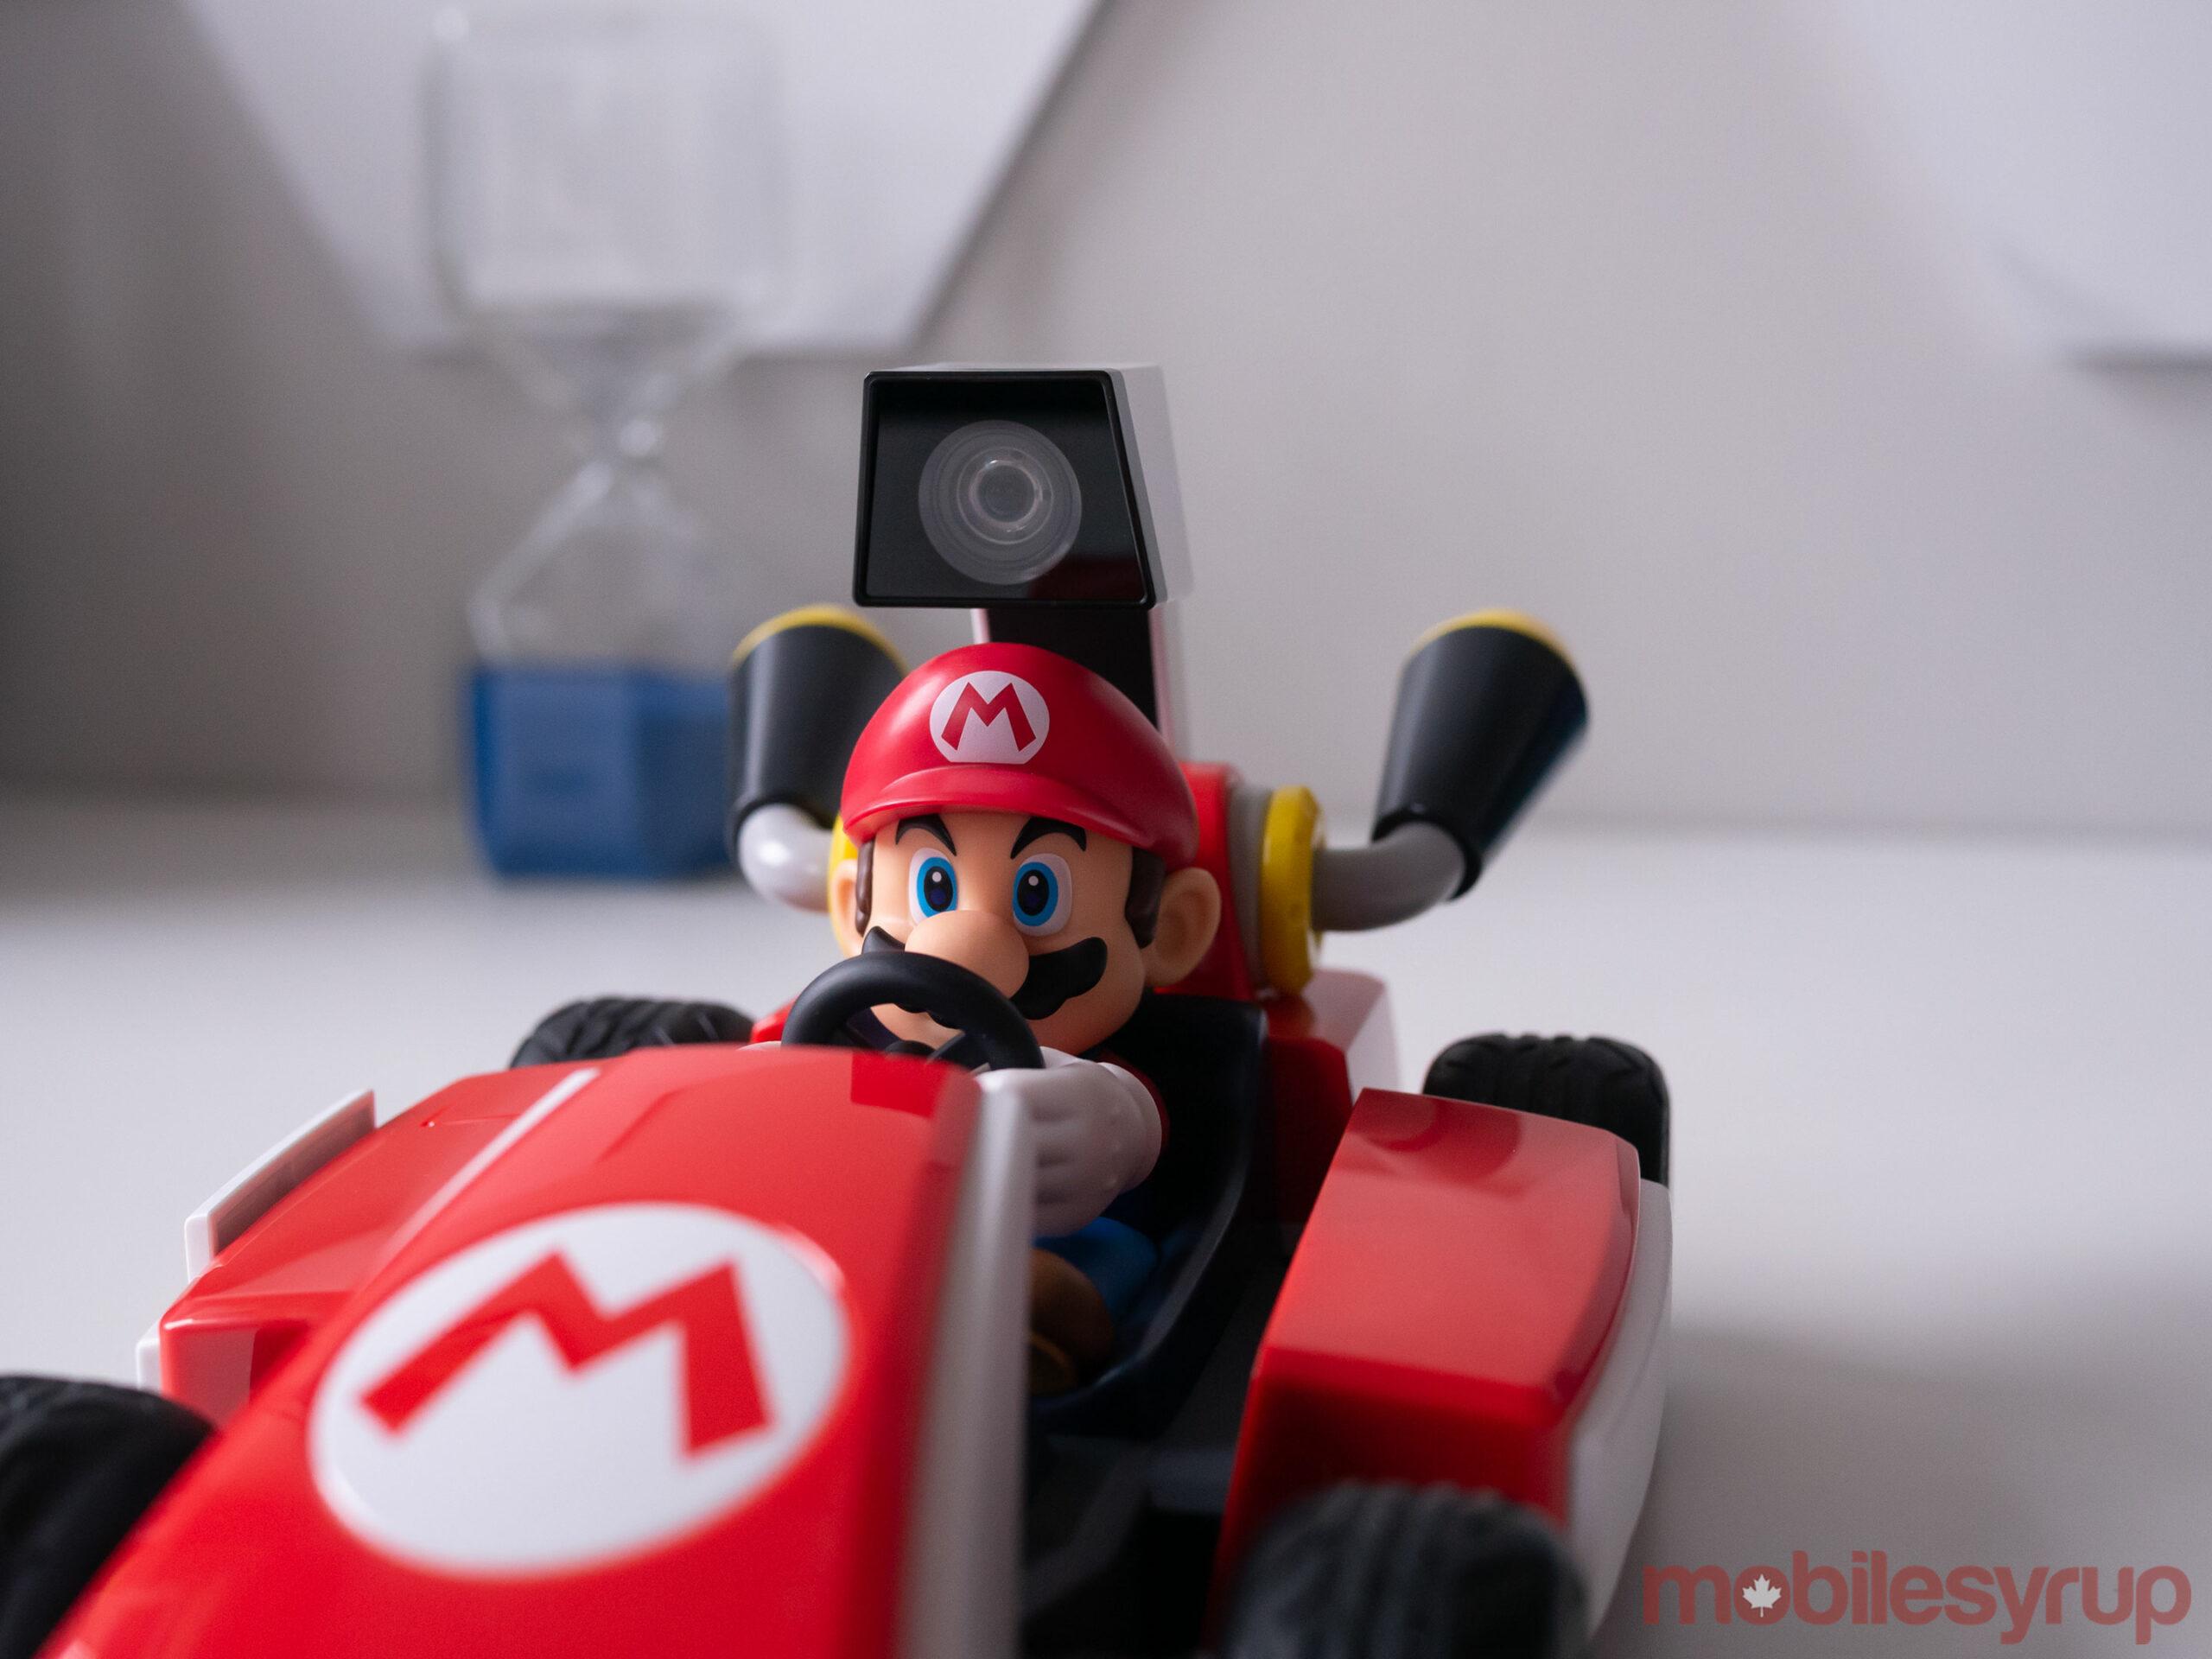 Mario Kart Live: Home Circuit Mario kart